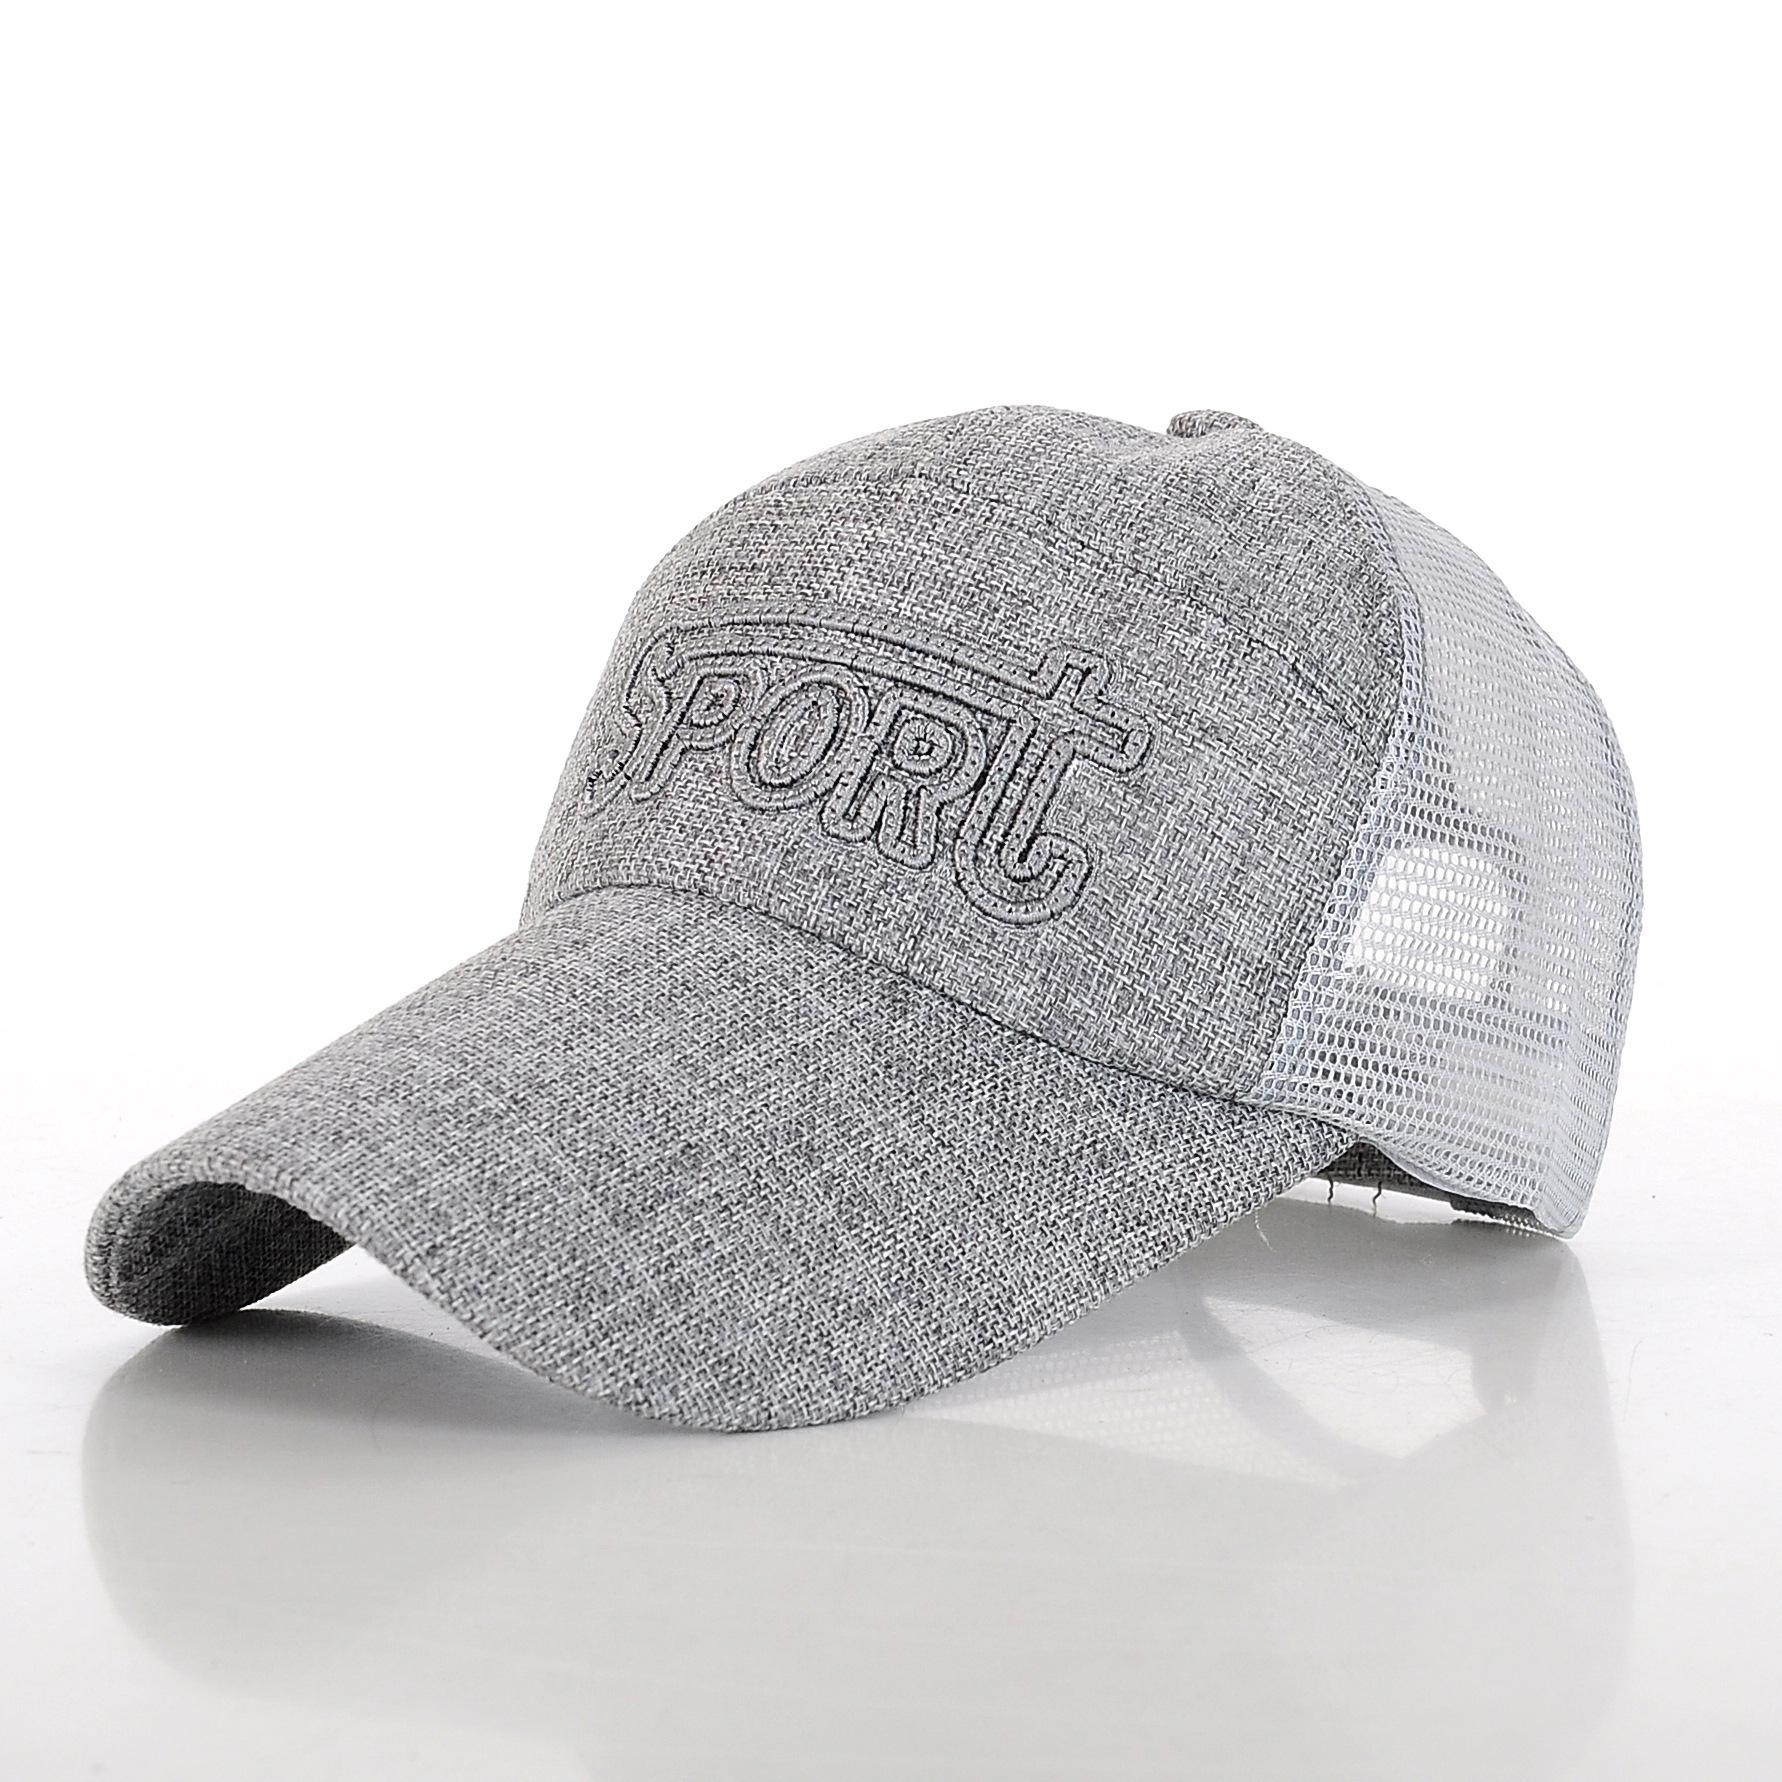 Unisex Men Women Mesh Sports Baseball Trucker Hat Visor Adjustable Cap